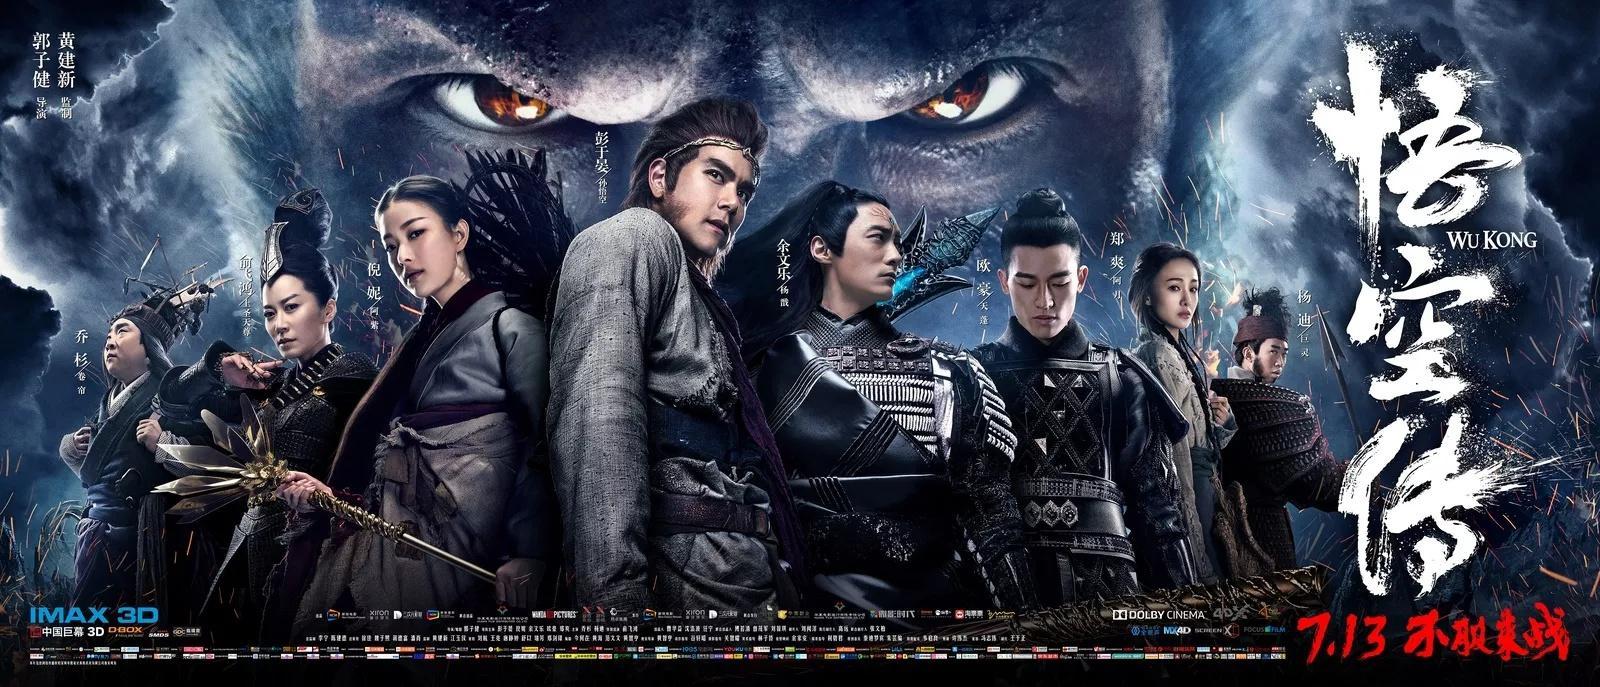 مشاهدة فيلم Wu Kong 2017 HD مترجم كامل اون لاين